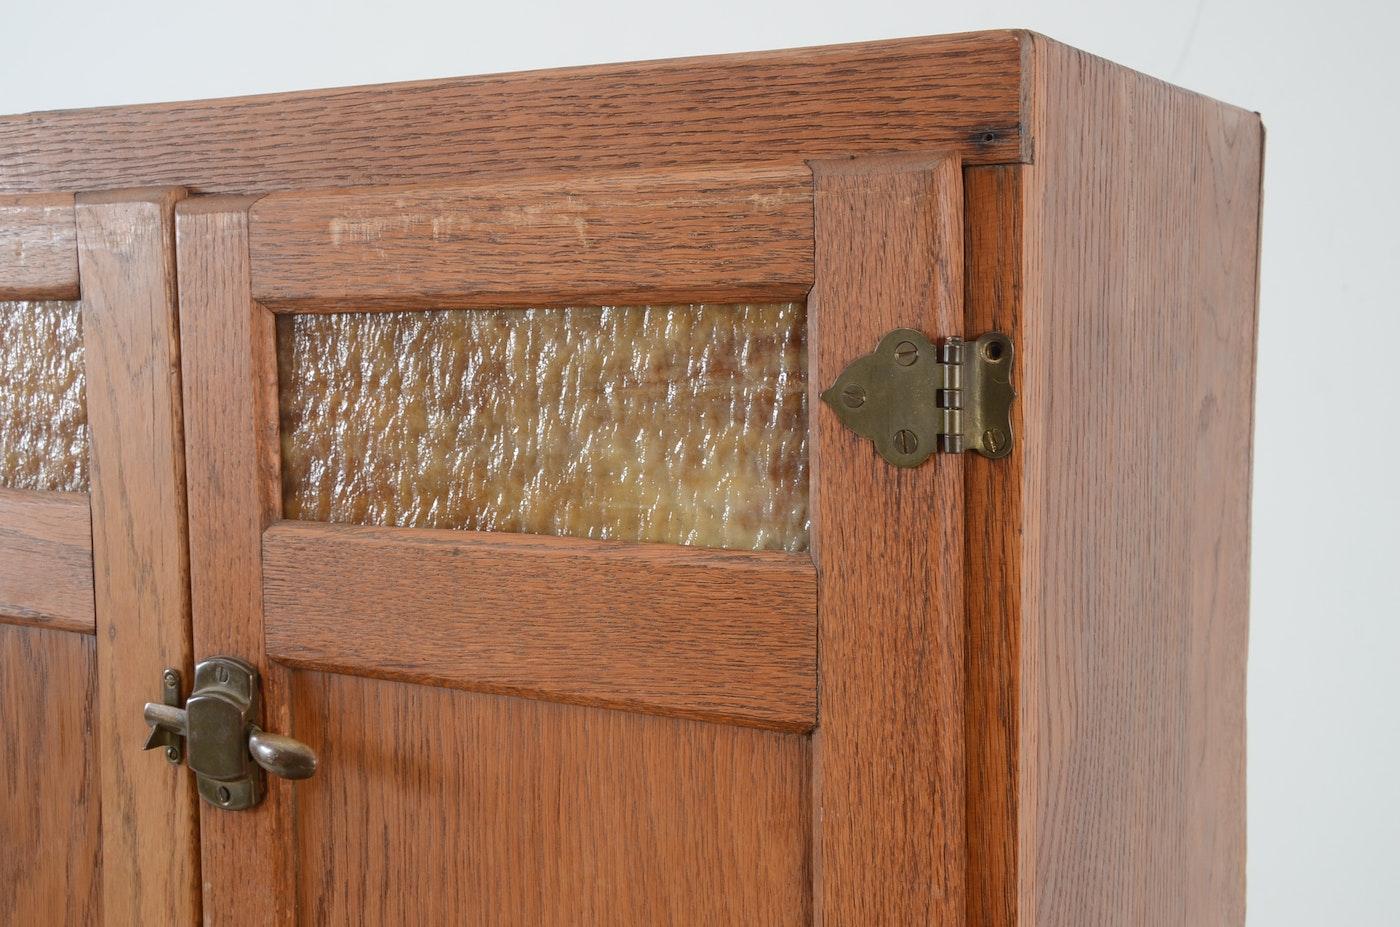 Oak Hoosier Cabinet By Wilson Kitchen Cabinets Ebth